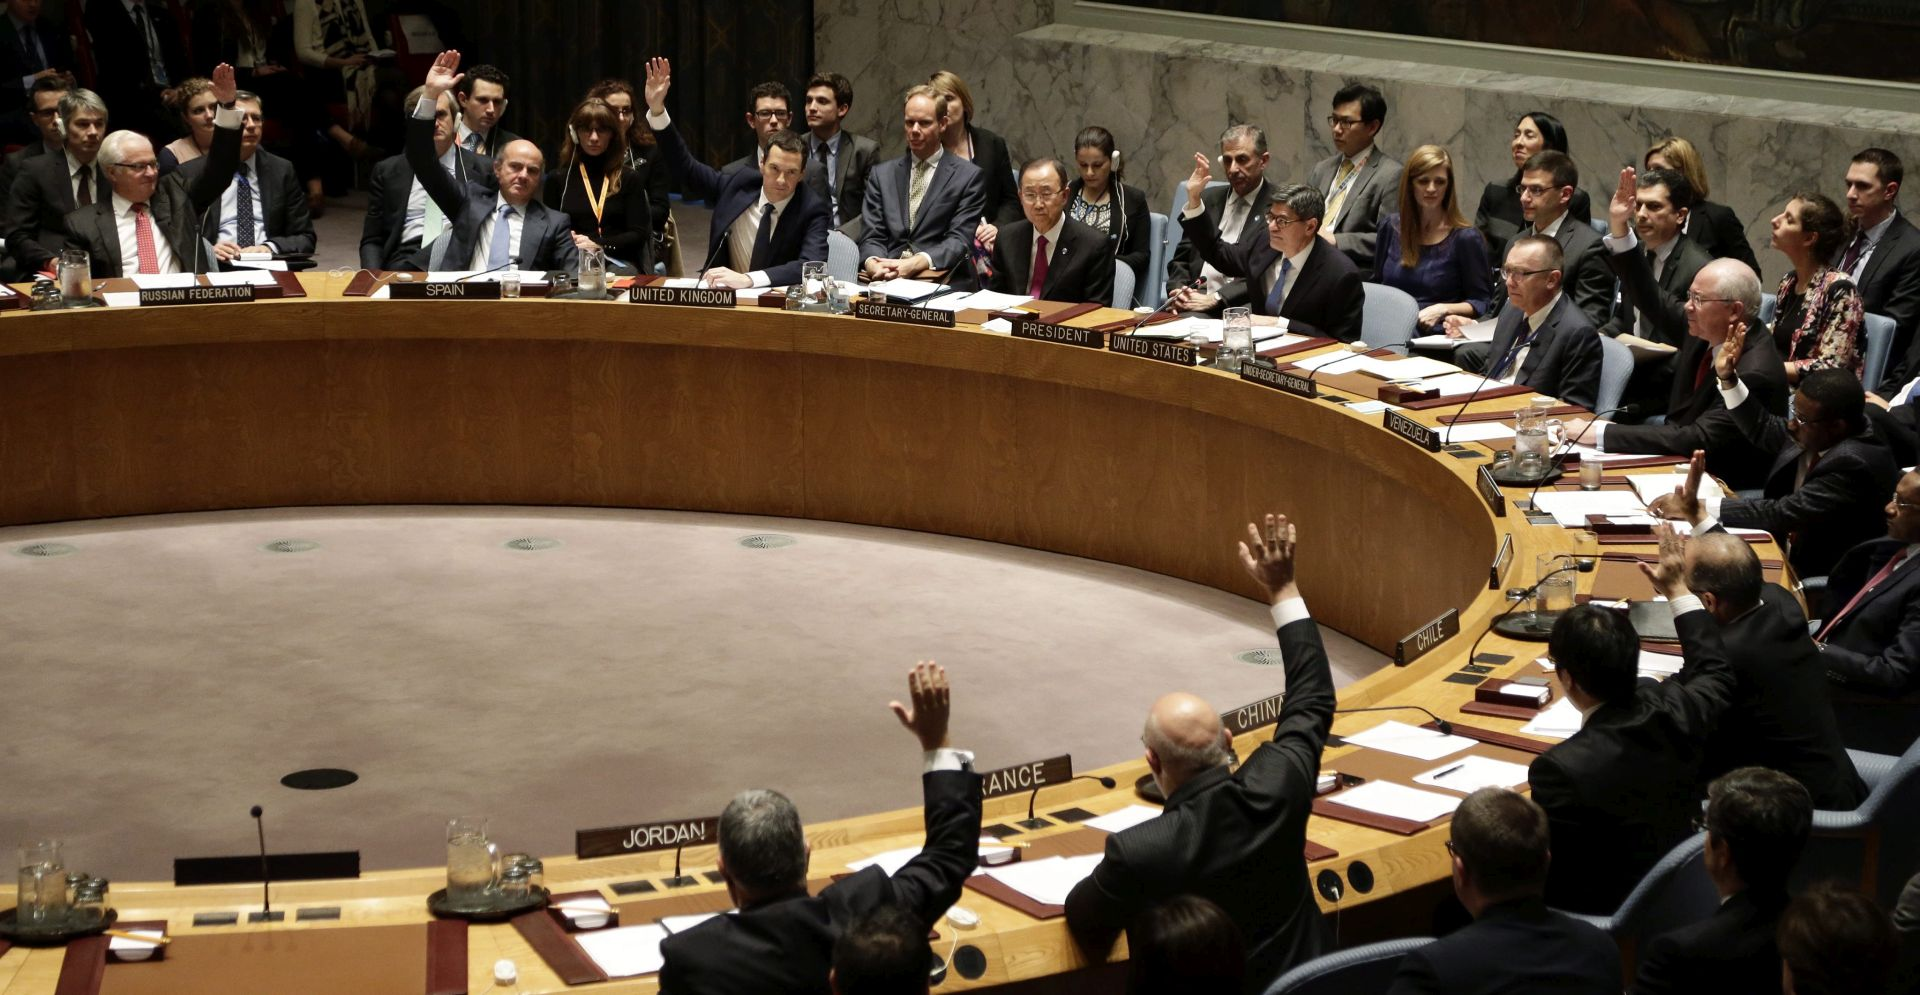 Velesile u New Yorku traže mirovni plan za Siriju